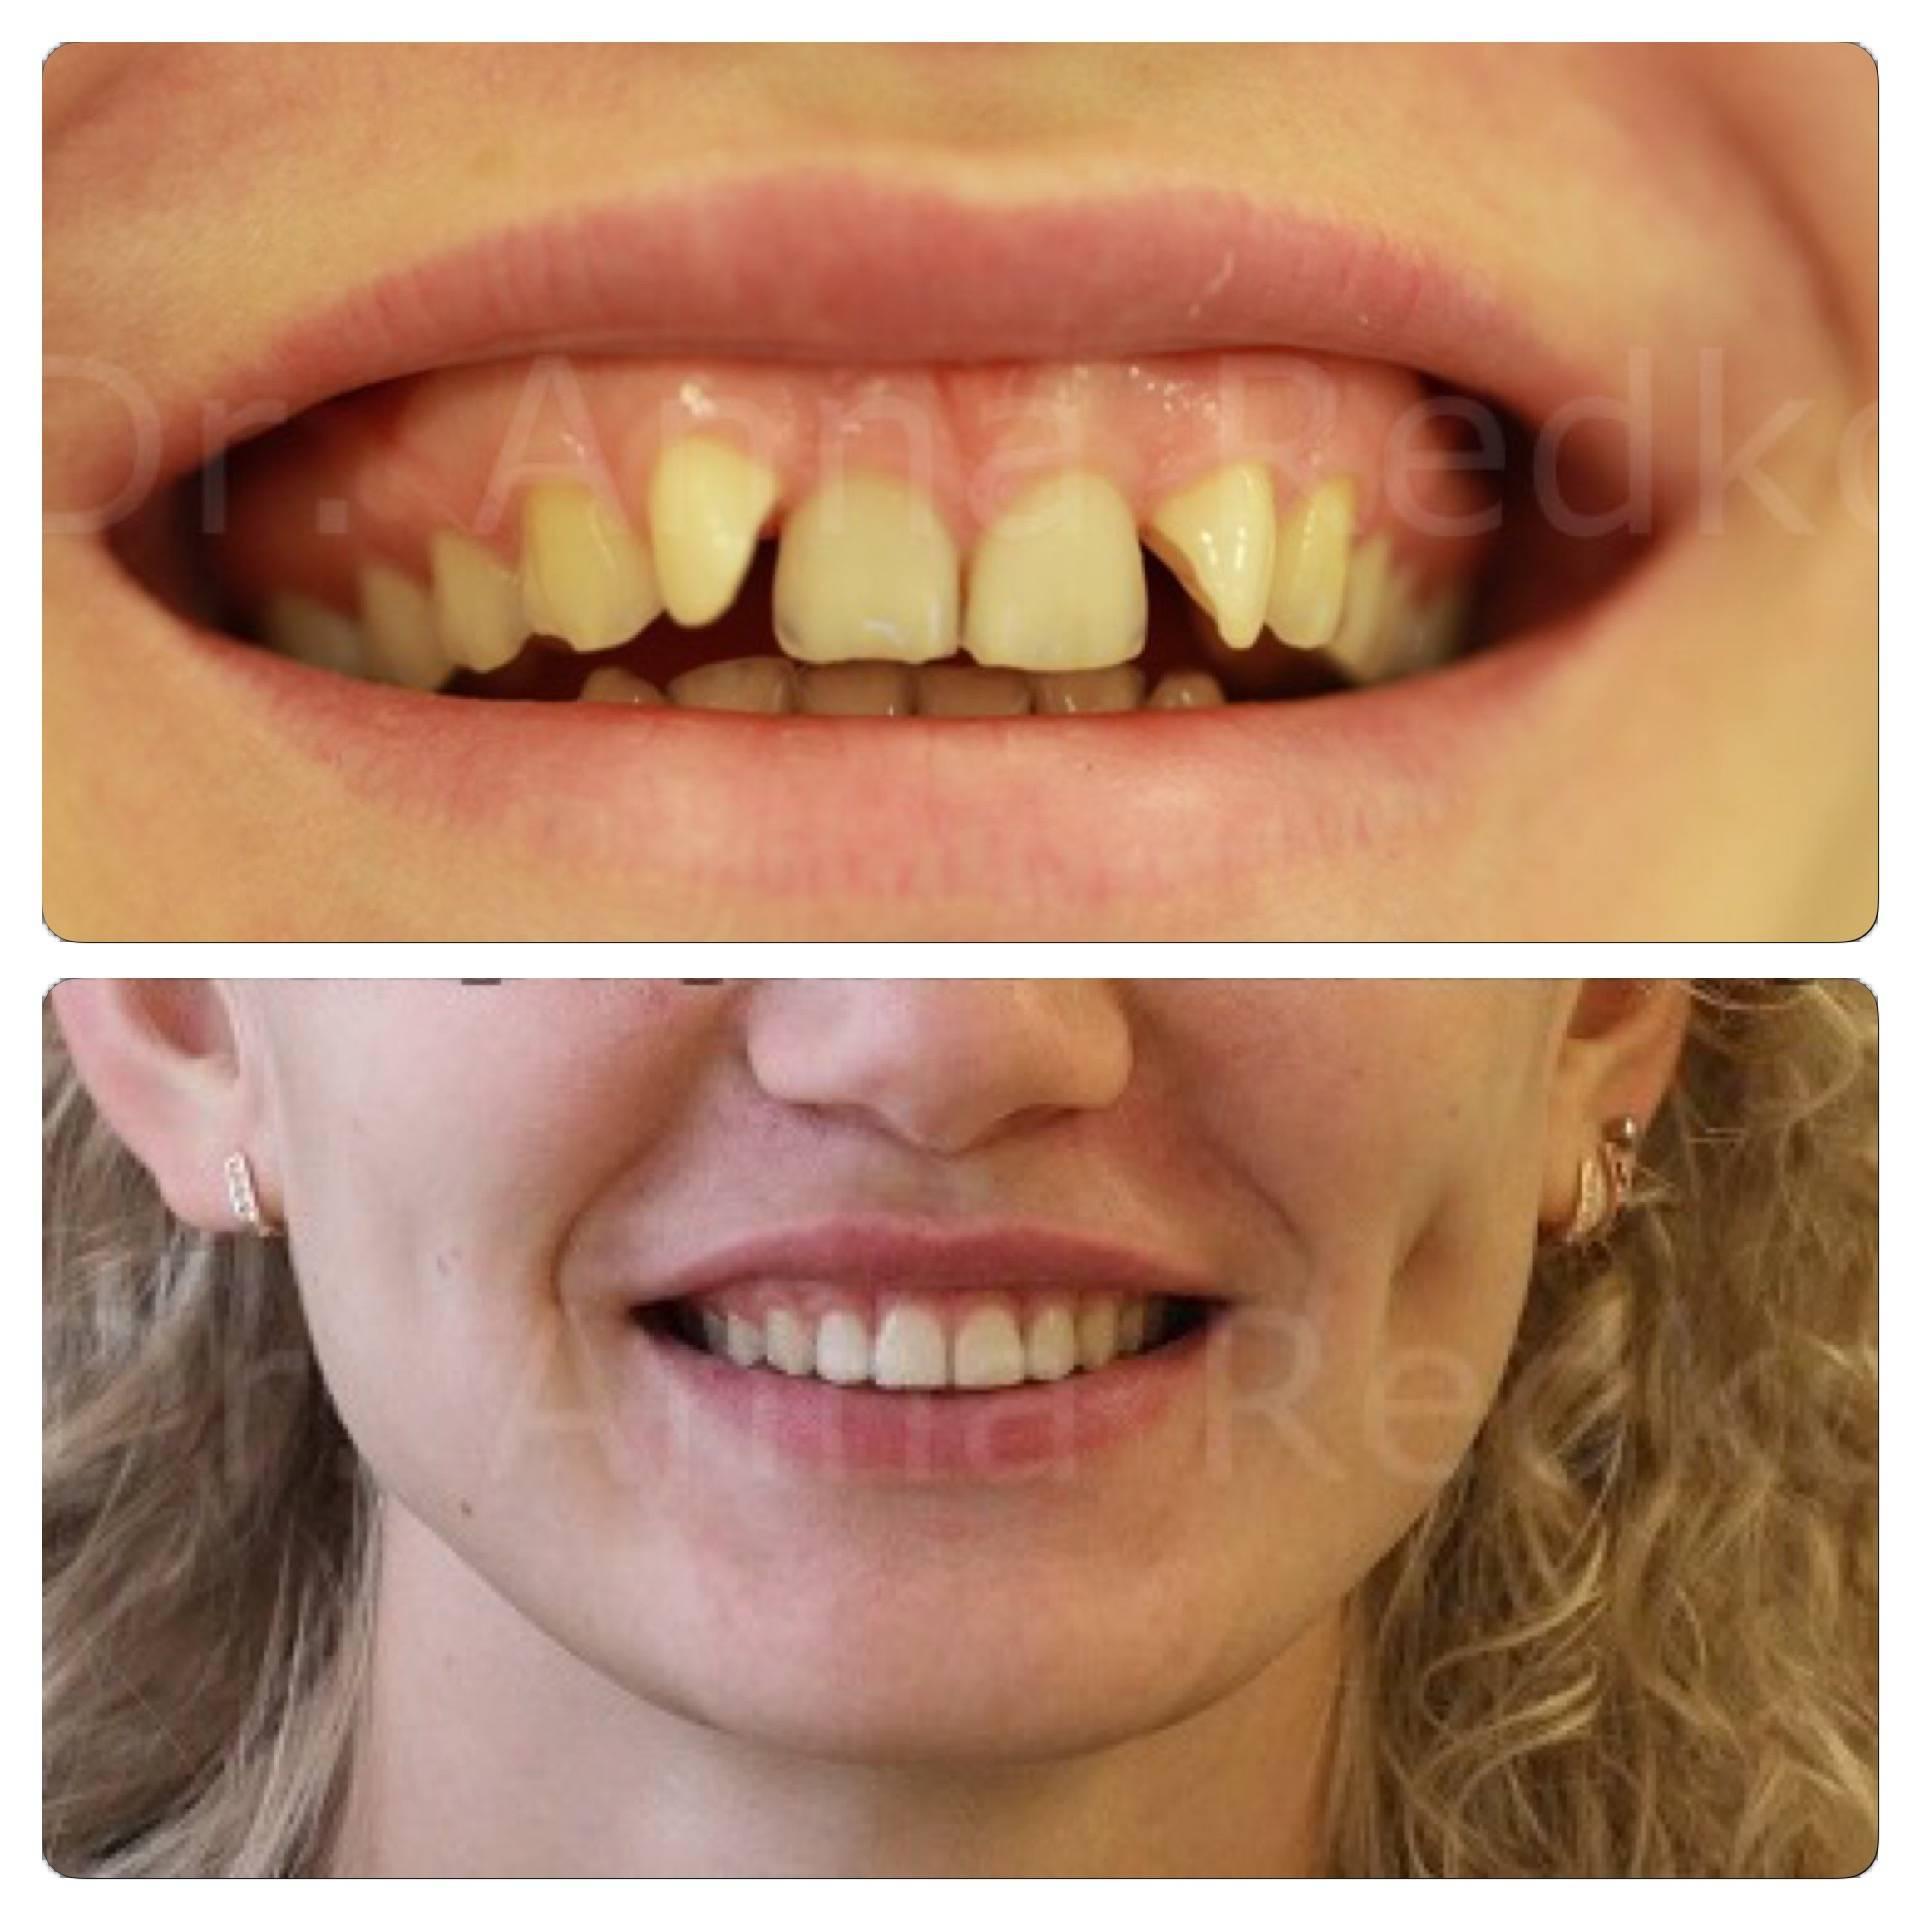 можно ли выровнять зубы в 20 лет